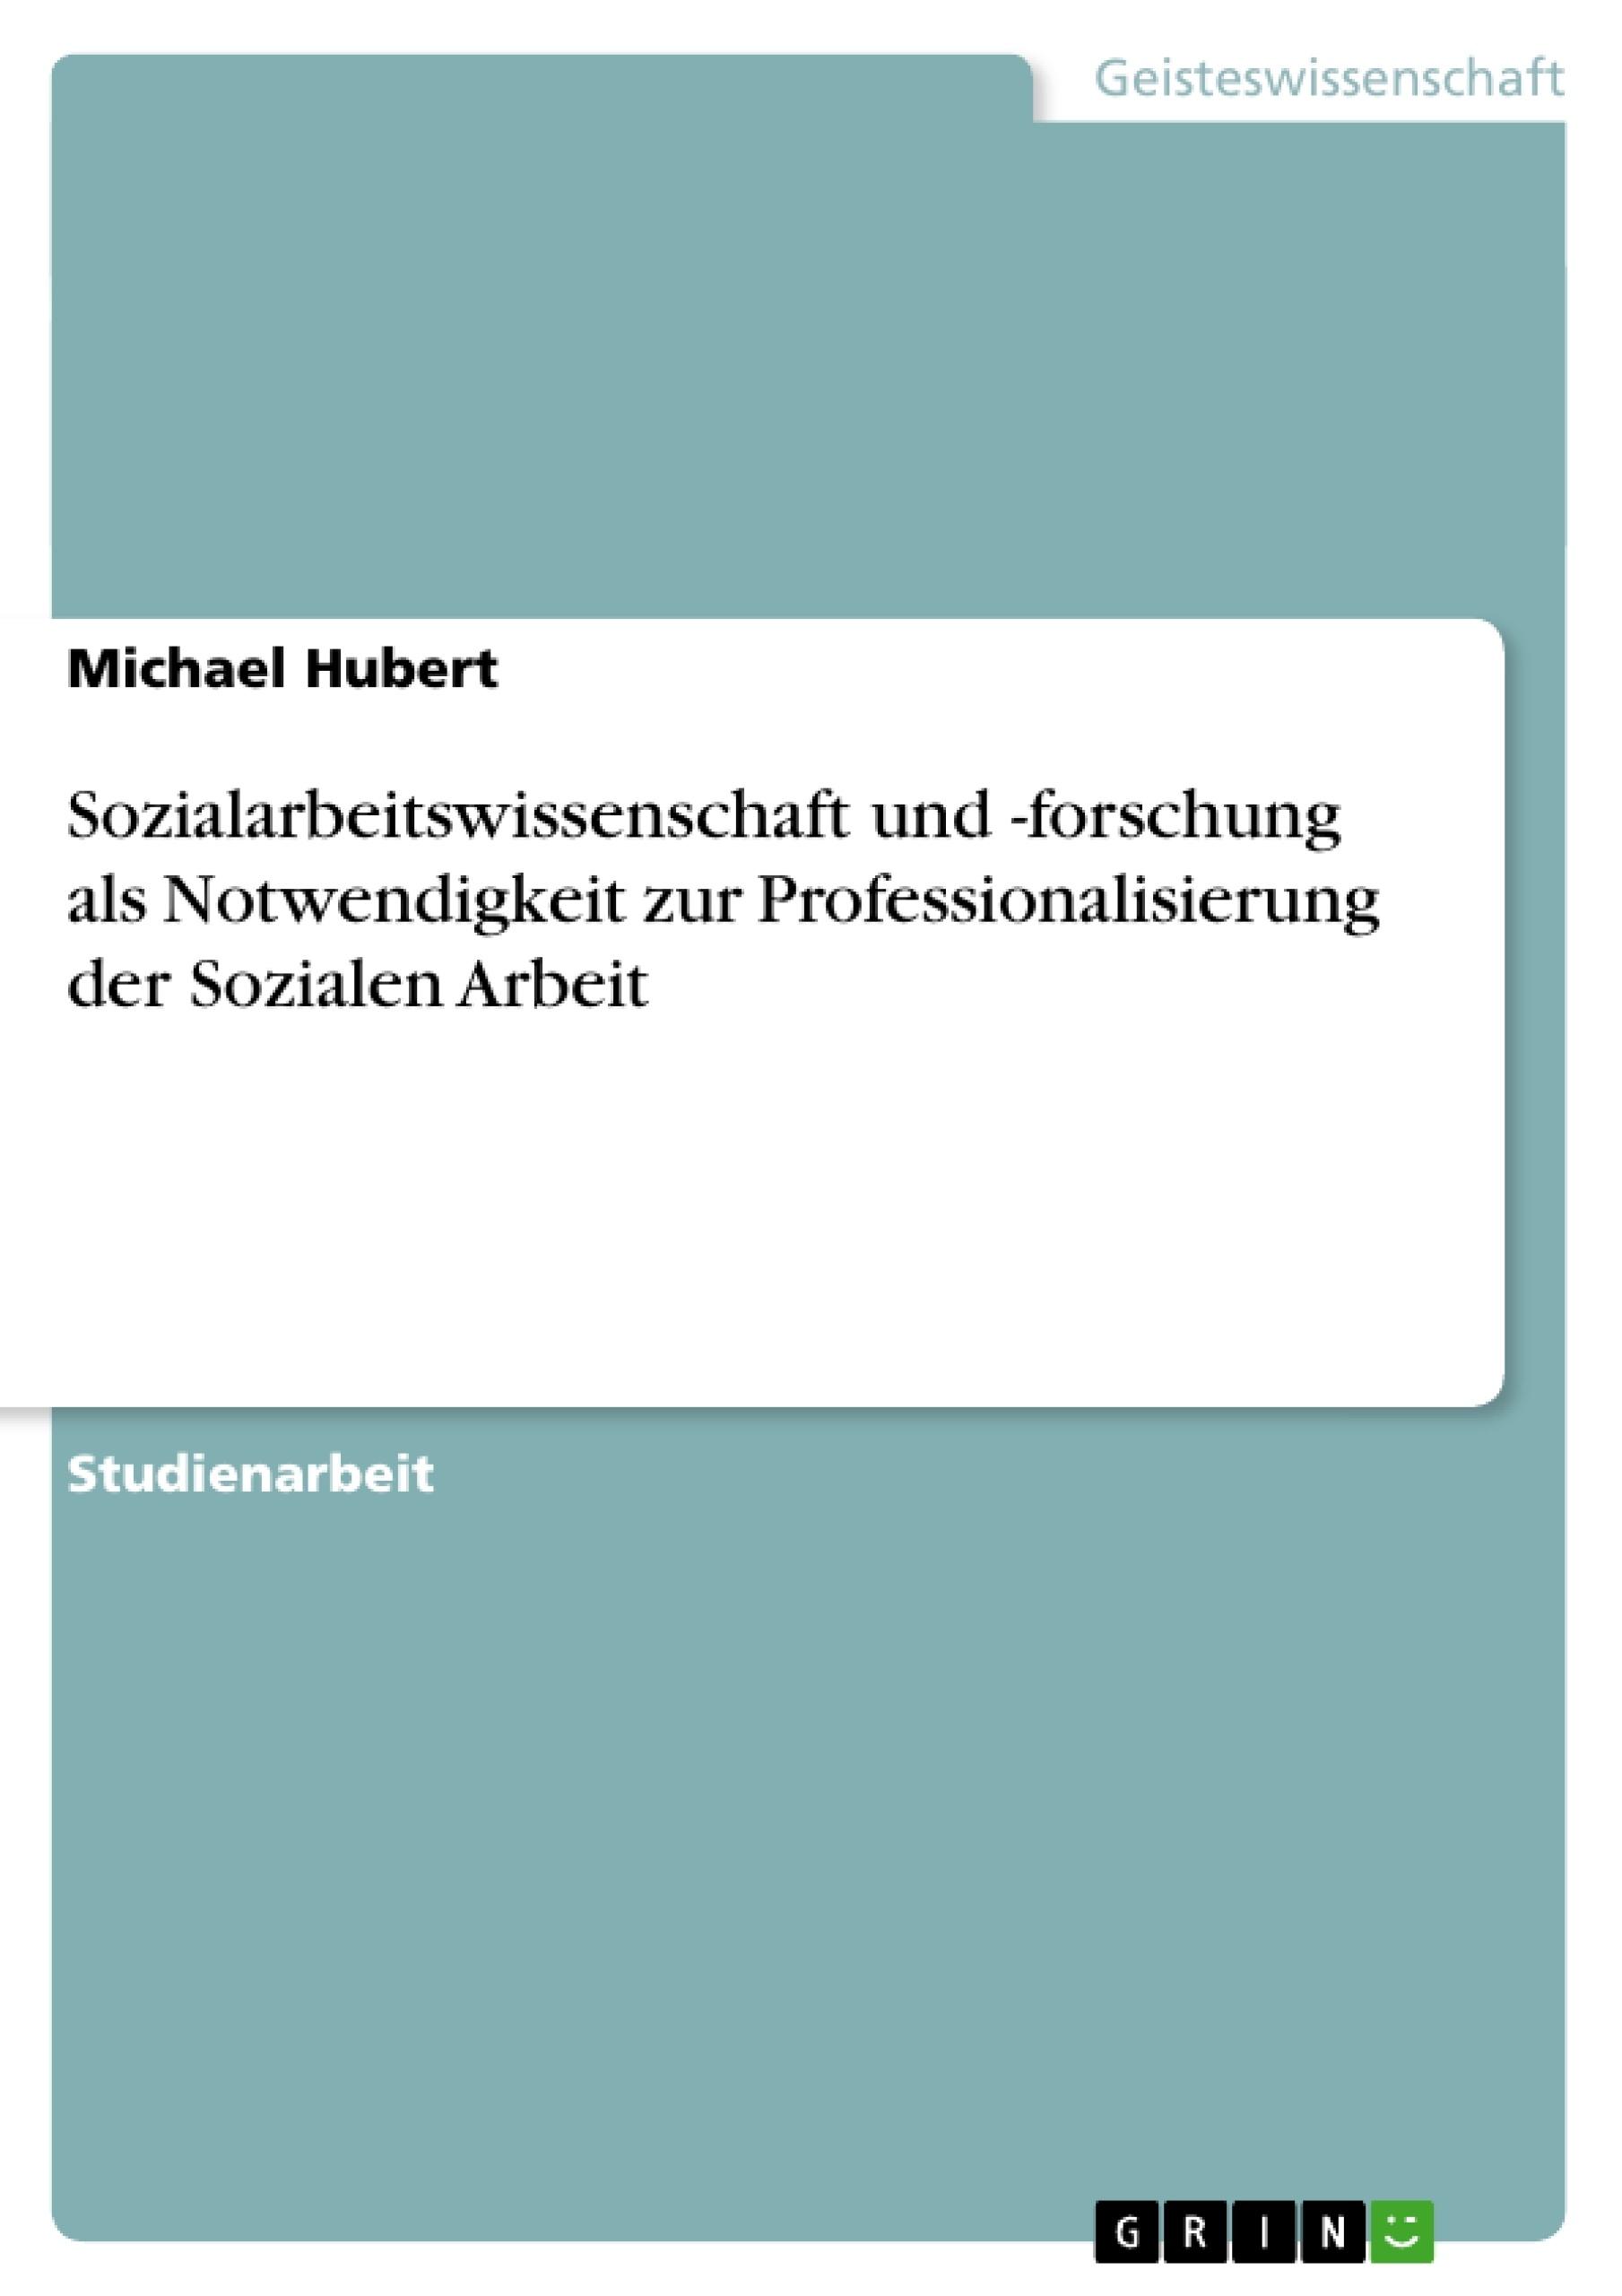 Titel: Sozialarbeitswissenschaft und -forschung als Notwendigkeit zur Professionalisierung der Sozialen Arbeit